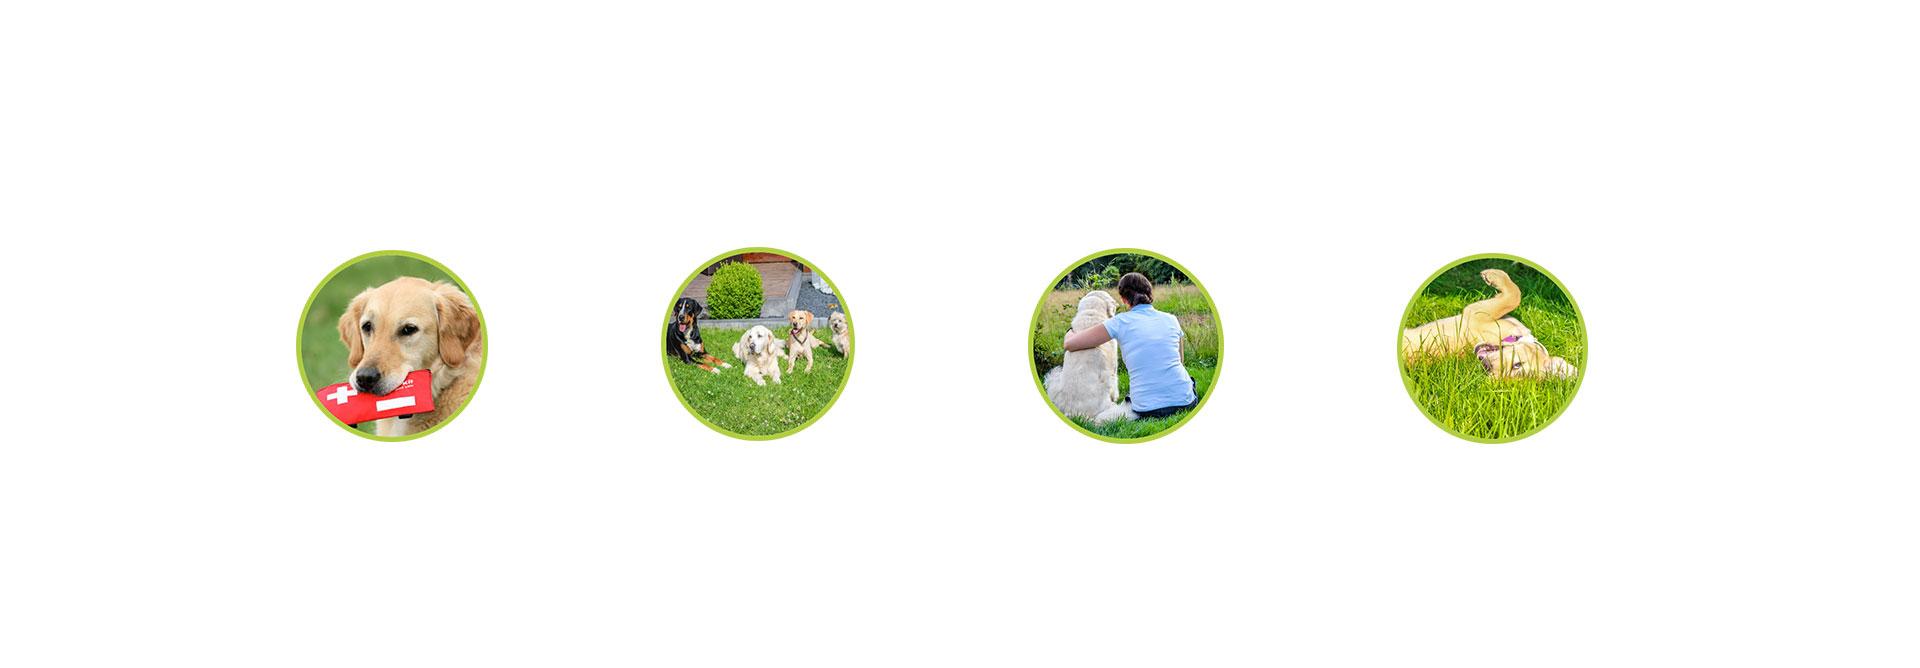 O-ZEN Portfolio Training Mensch und Hund Leistungen